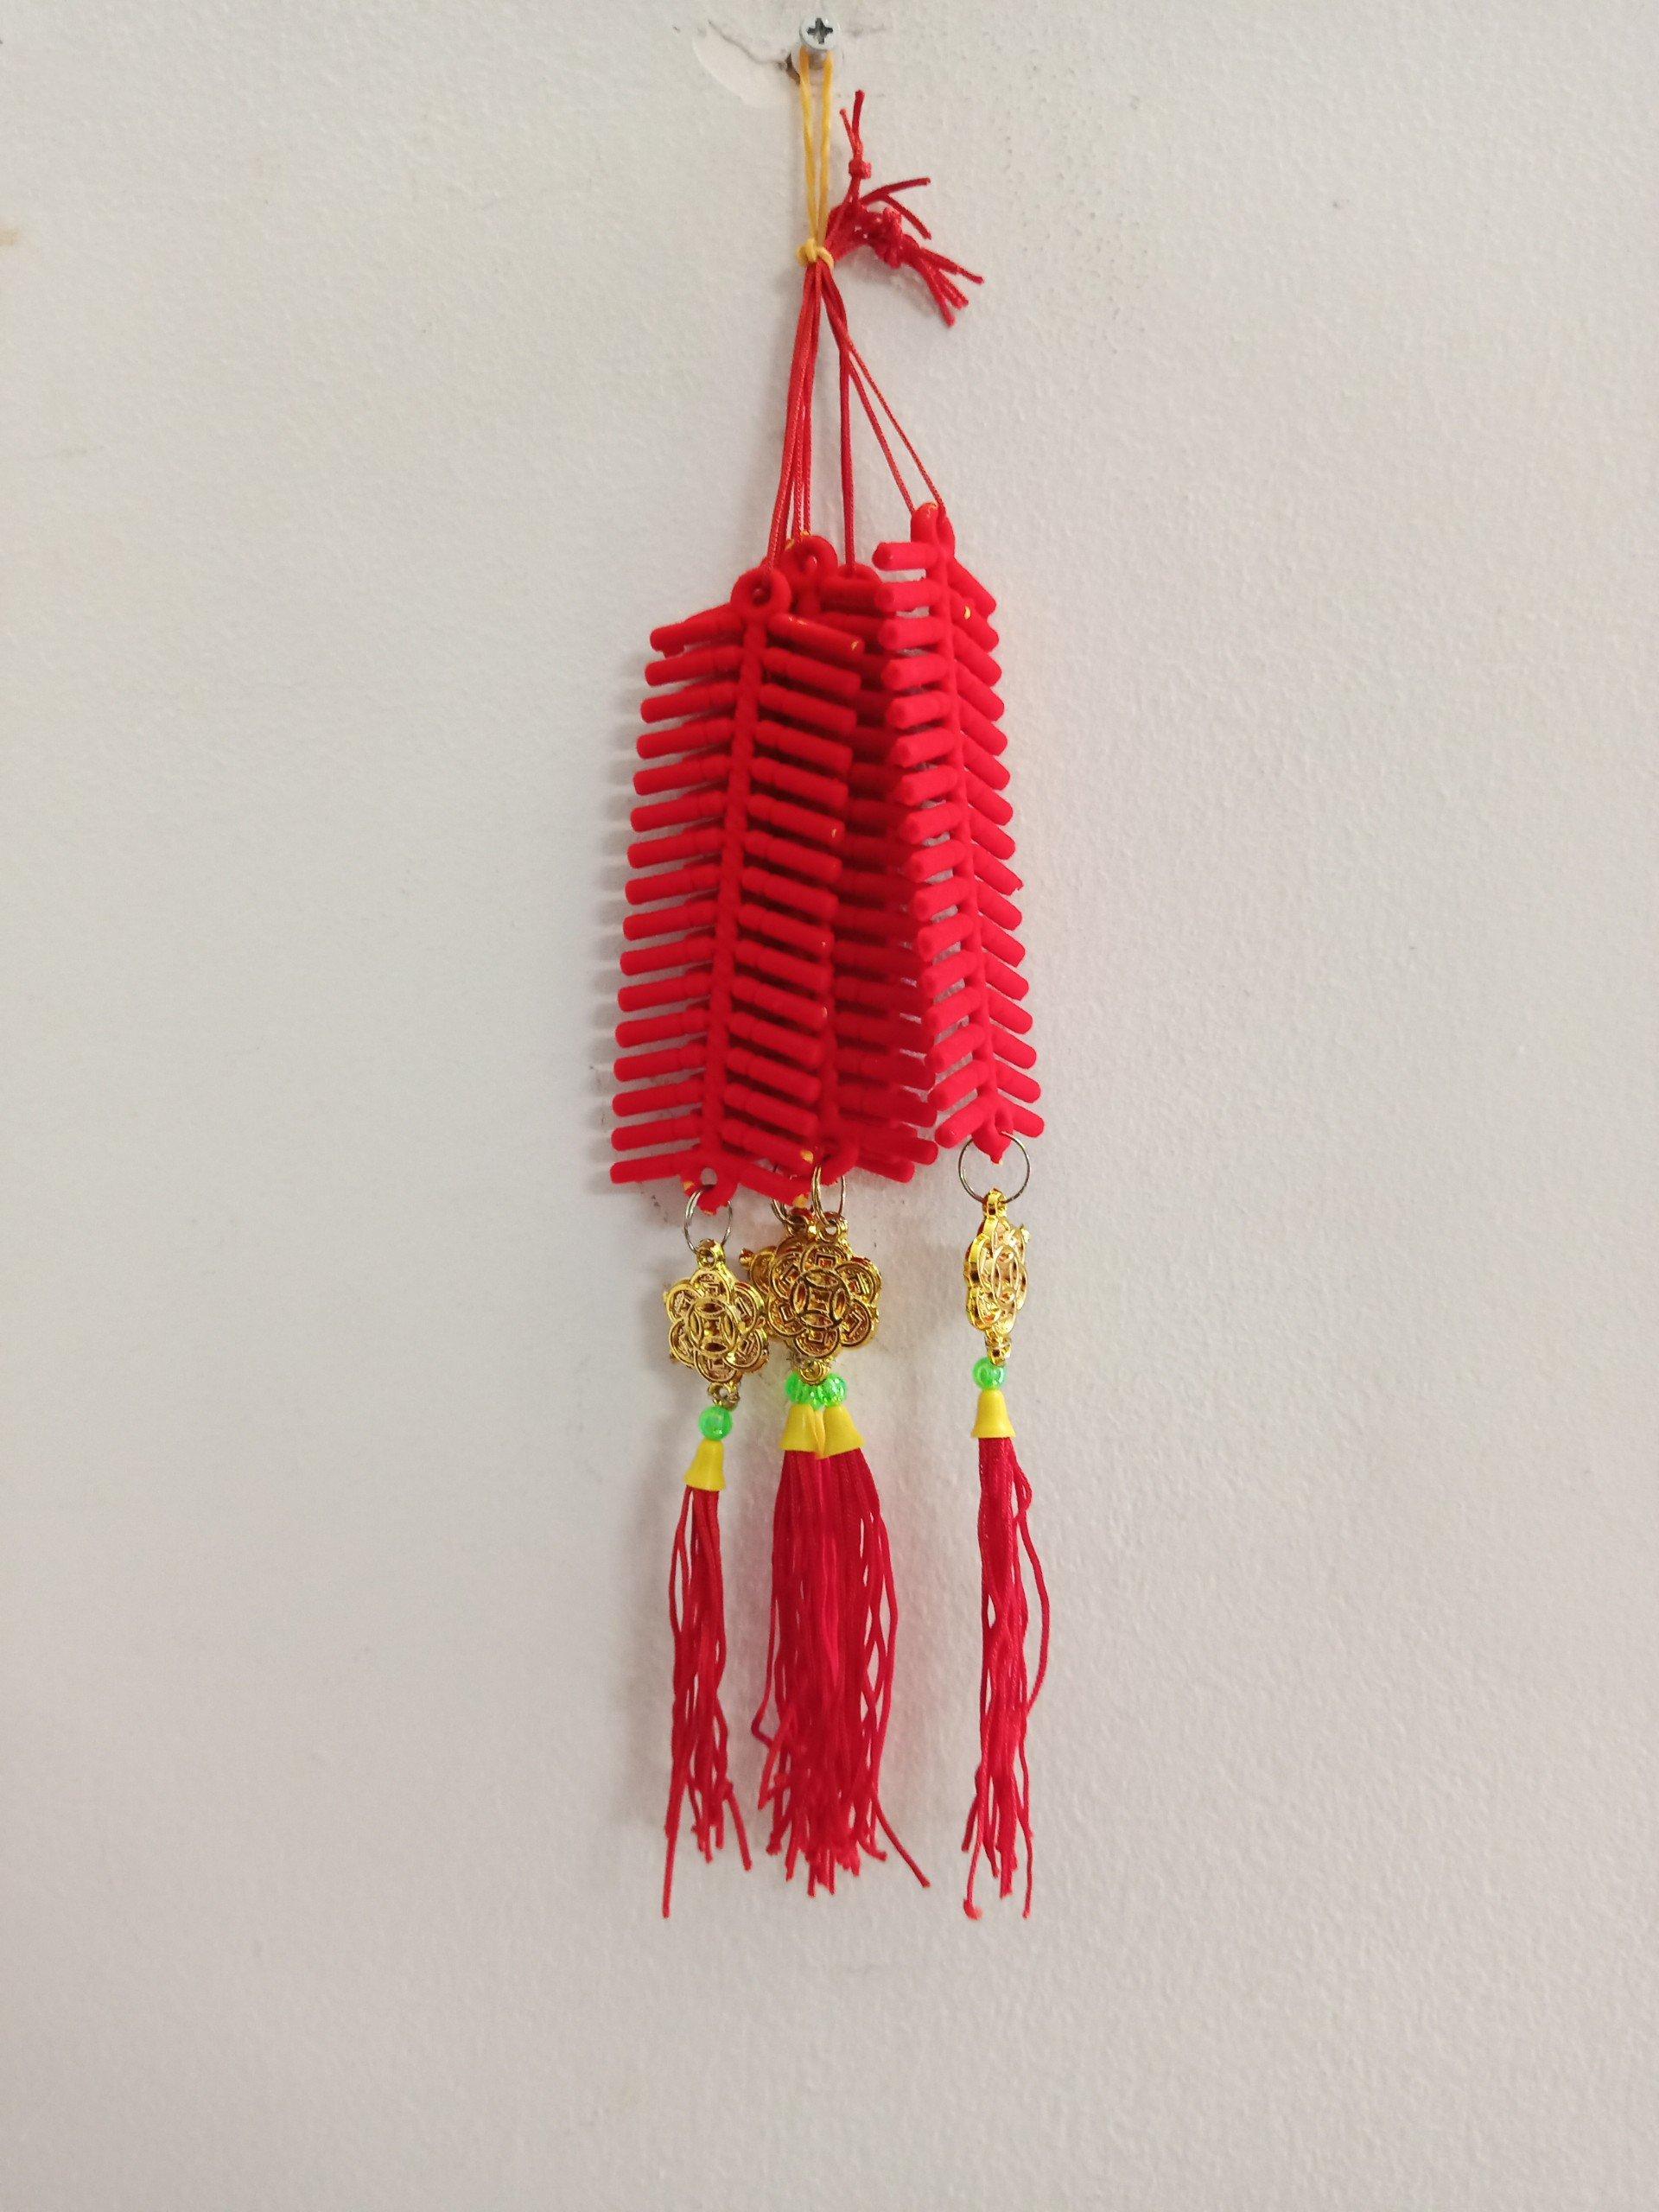 Lộc treo trang trí tết Pháo nhung đỏ và đồng tiền